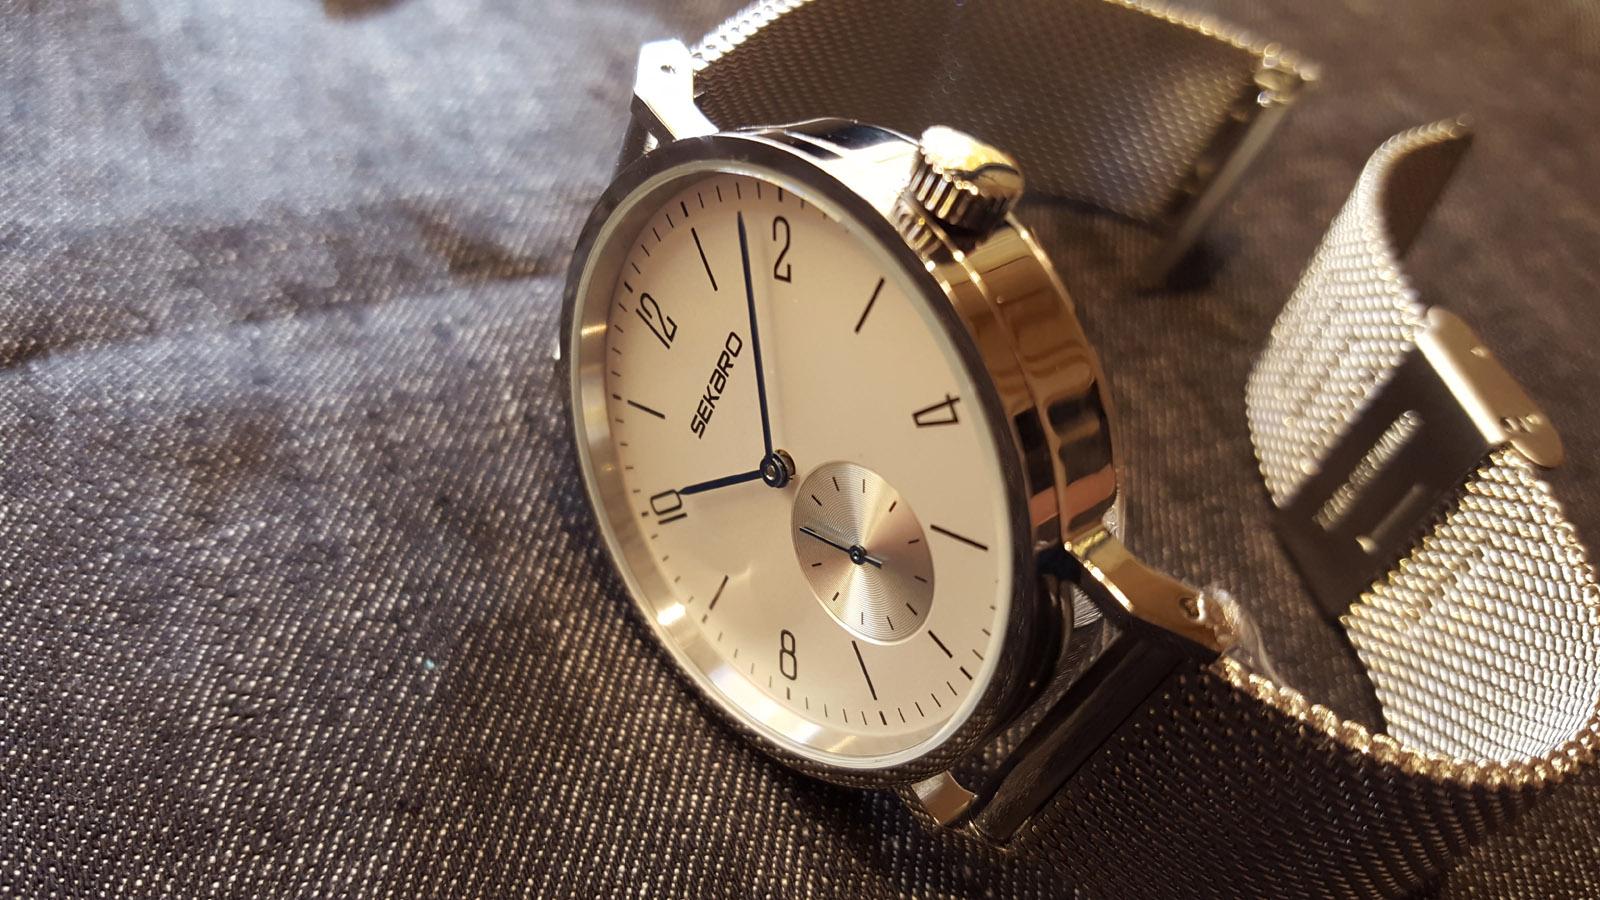 """da1218f94ad2dd 「SEKARO」というブランド名の入ったスモールセコンドのモデル。ブレス部分は""""ミラネーゼ""""と呼ばれるメッシュブレスレットで、細い青針と数字とバーを組み合わせた  ..."""